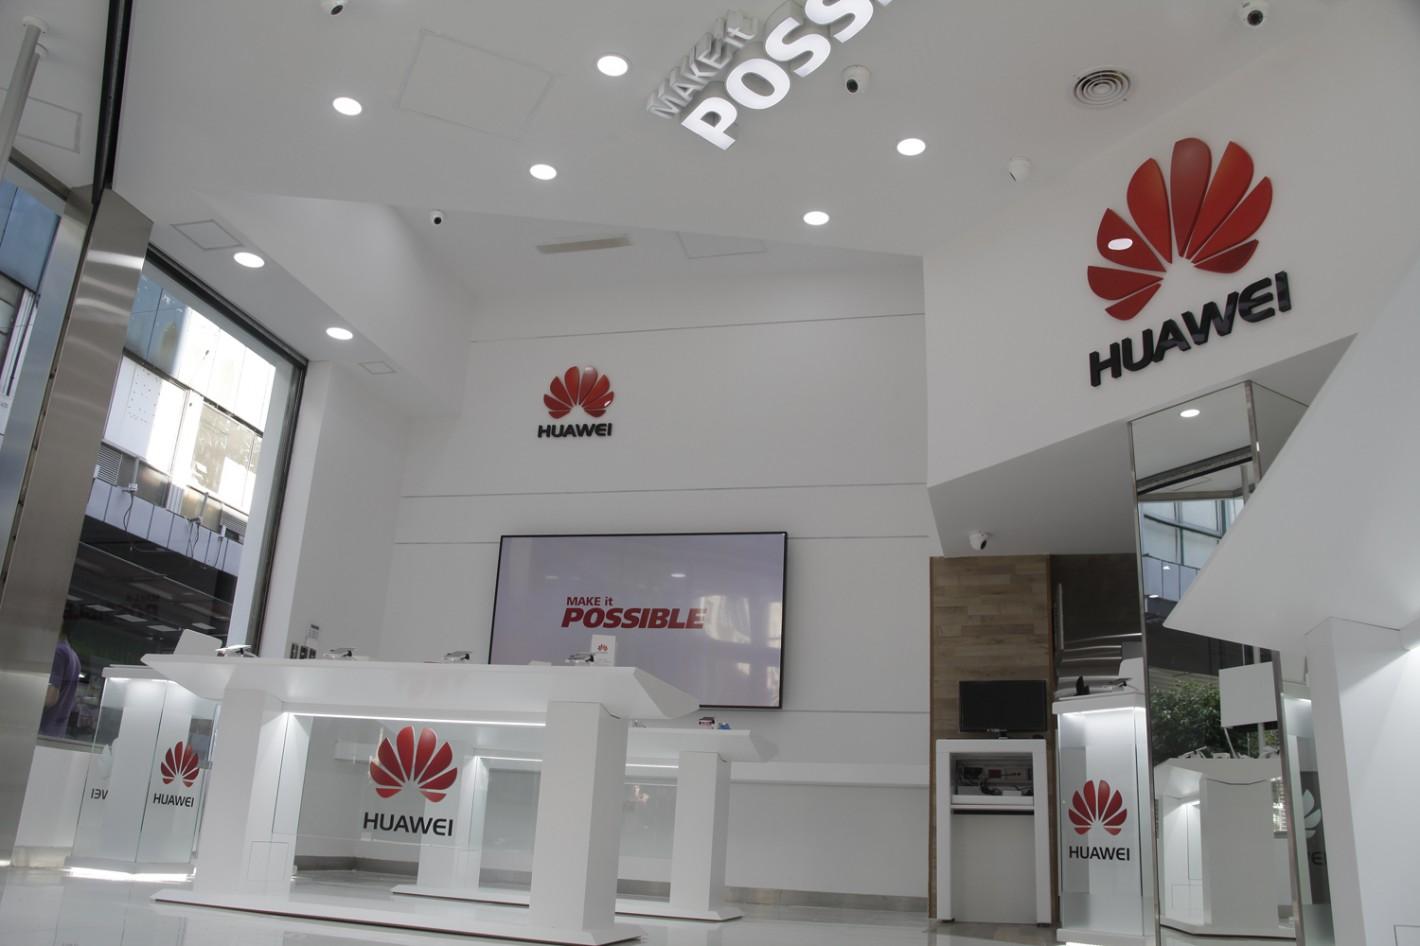 Sebuah render baru dari Huawei P30 Pro mencerminkan empat sensor di kamera utamanya 1